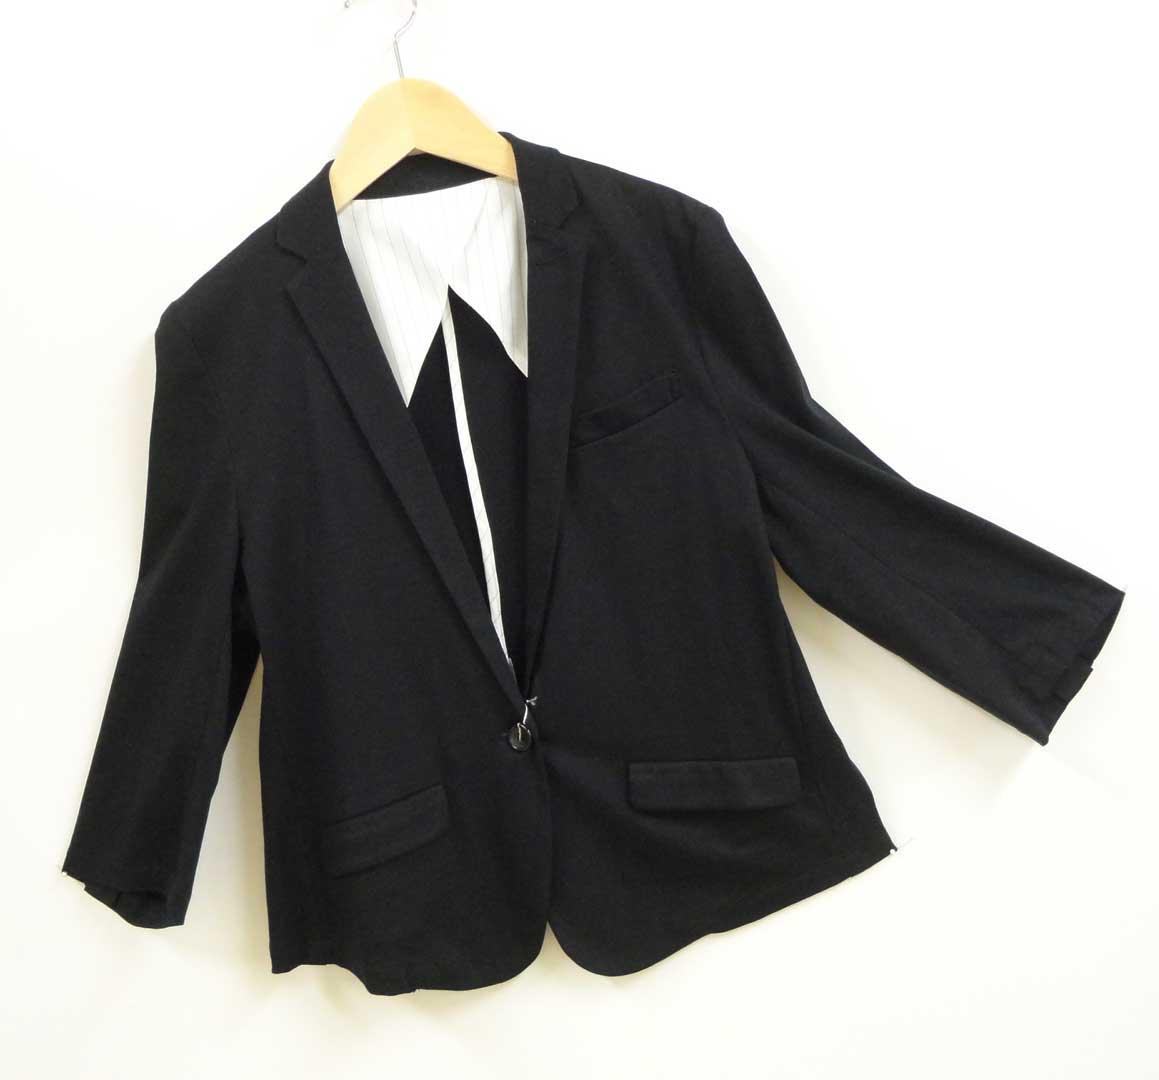 995ジャケット黒b